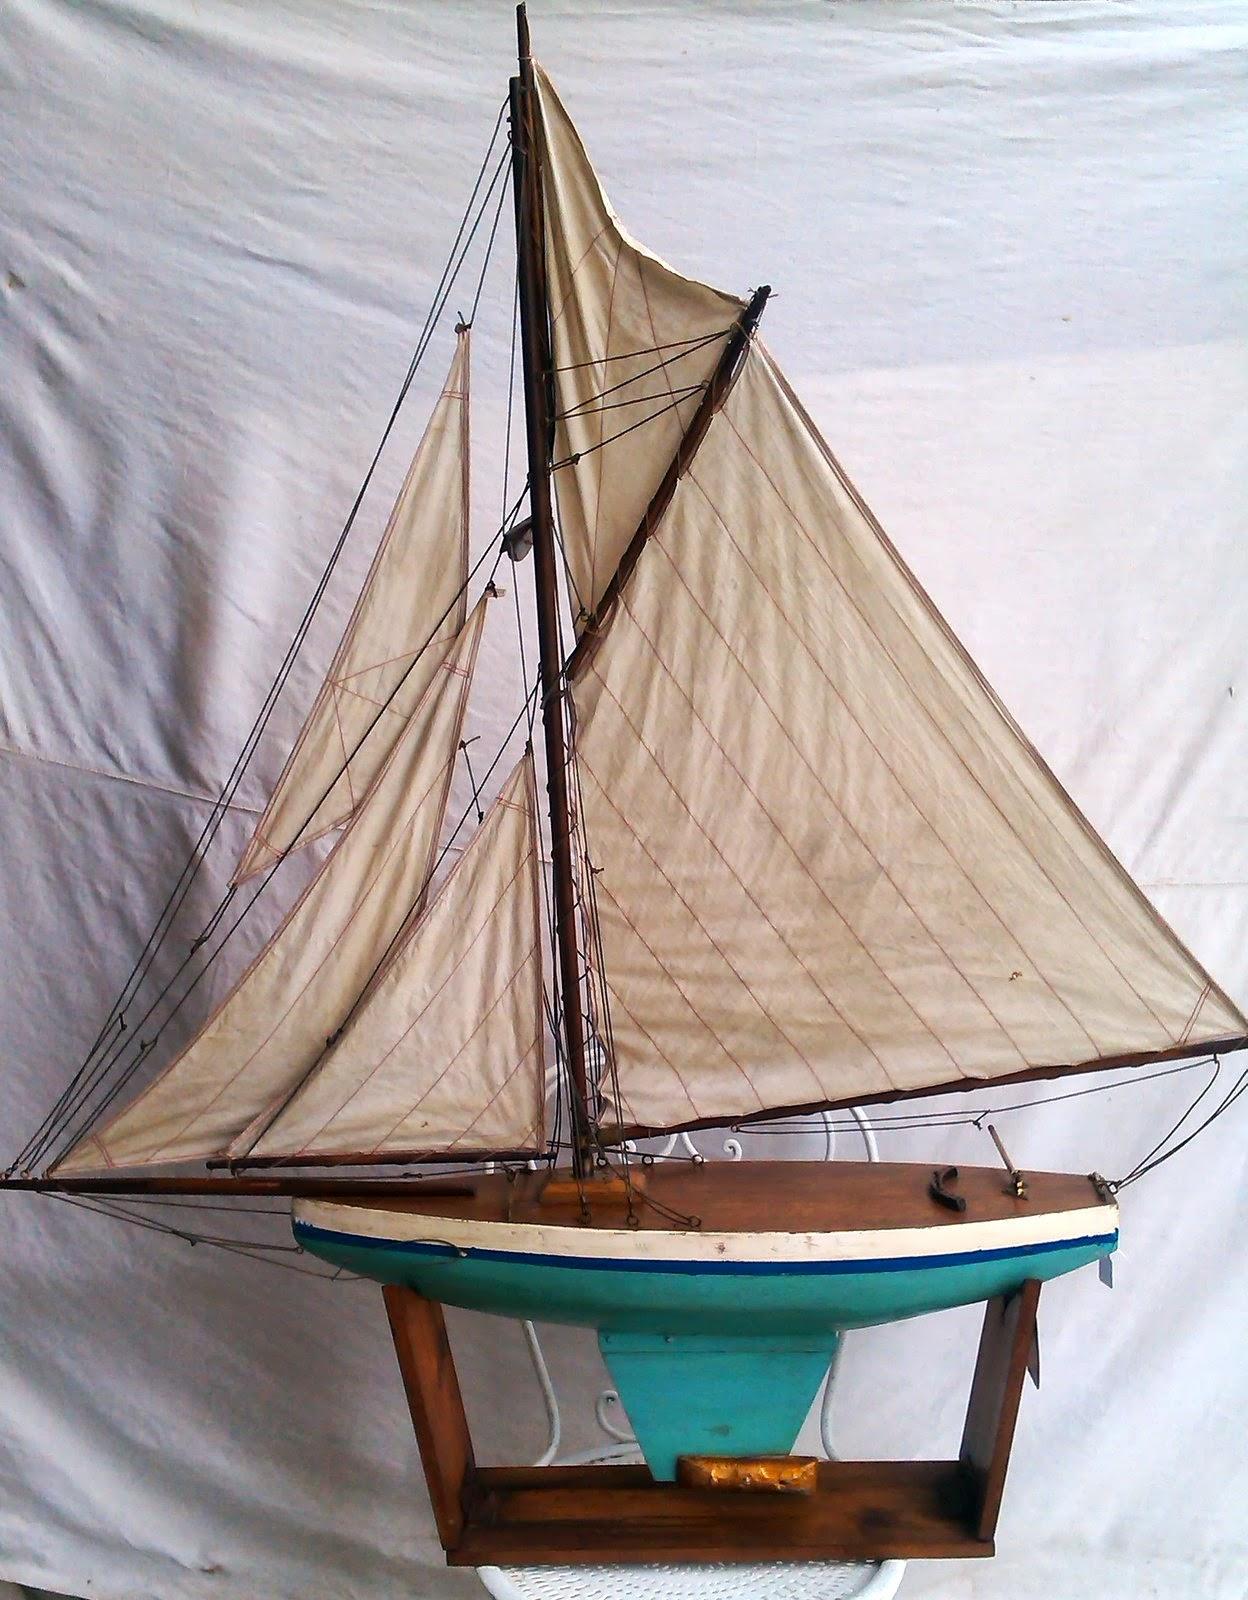 Mark chapman antiquites voilier de bassin 2 - Voilier de bassin ancien nanterre ...